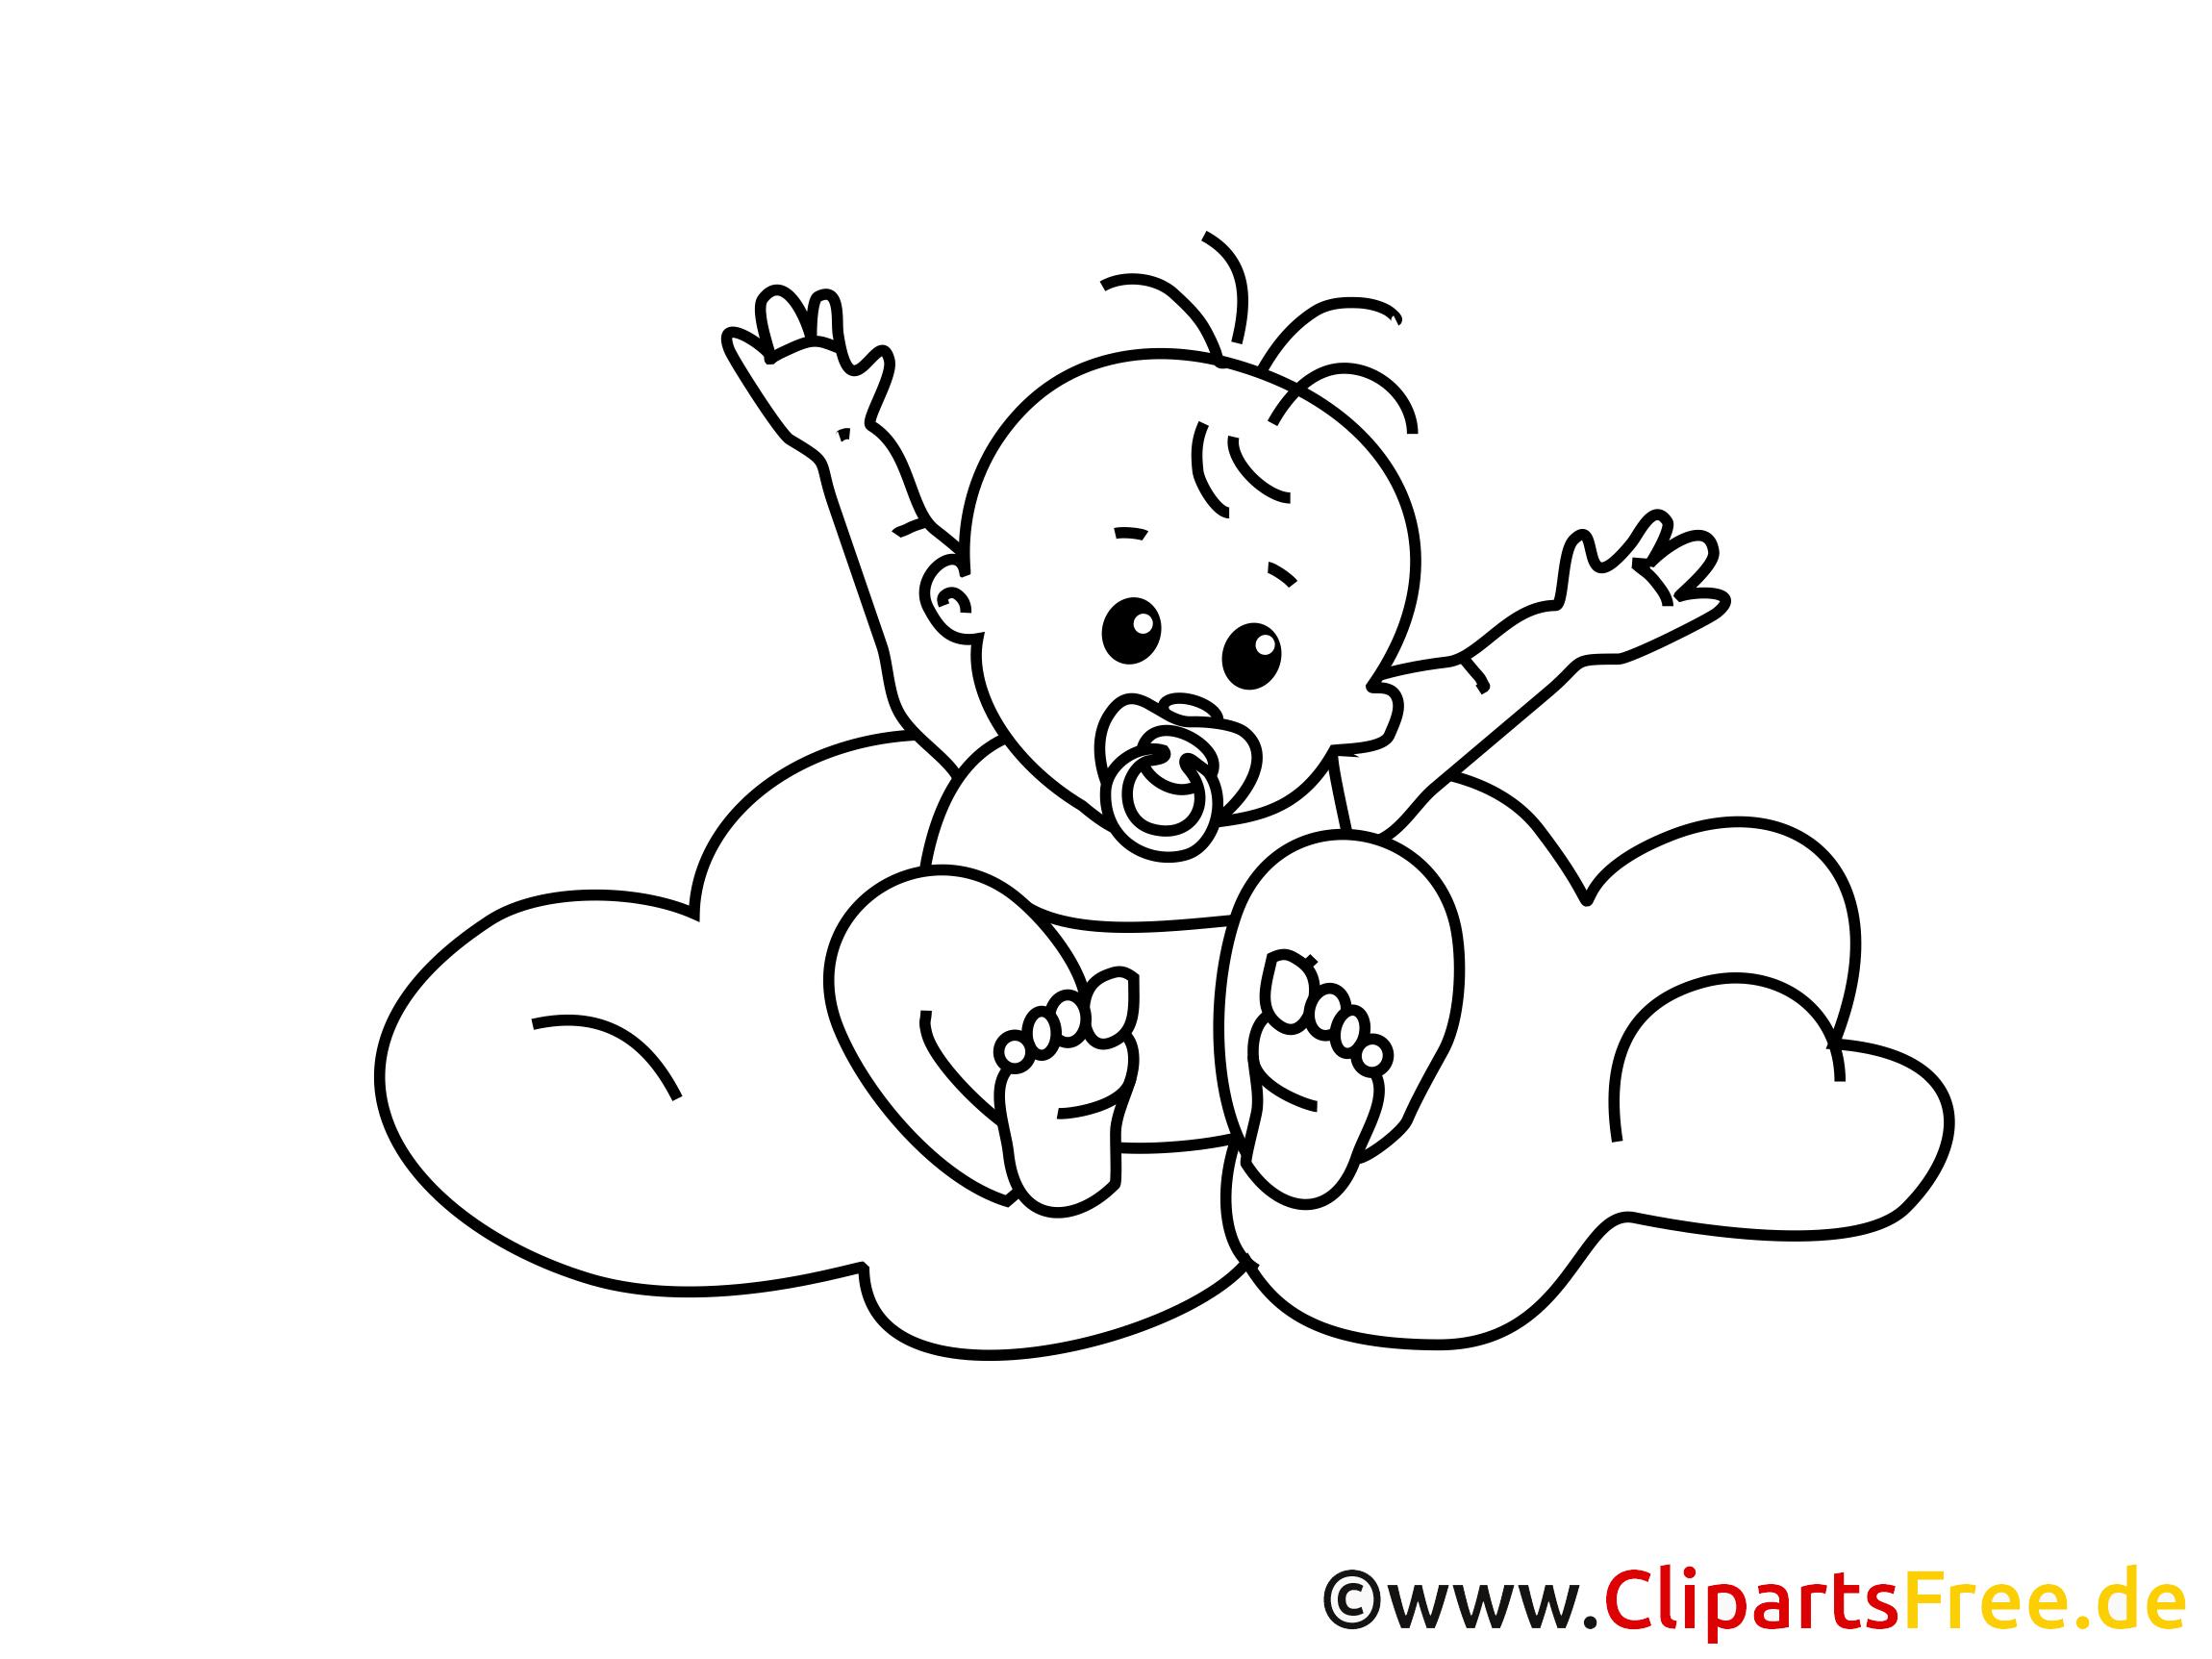 Zum ausmalen grafik mit baby - Baby bilder ideen ...